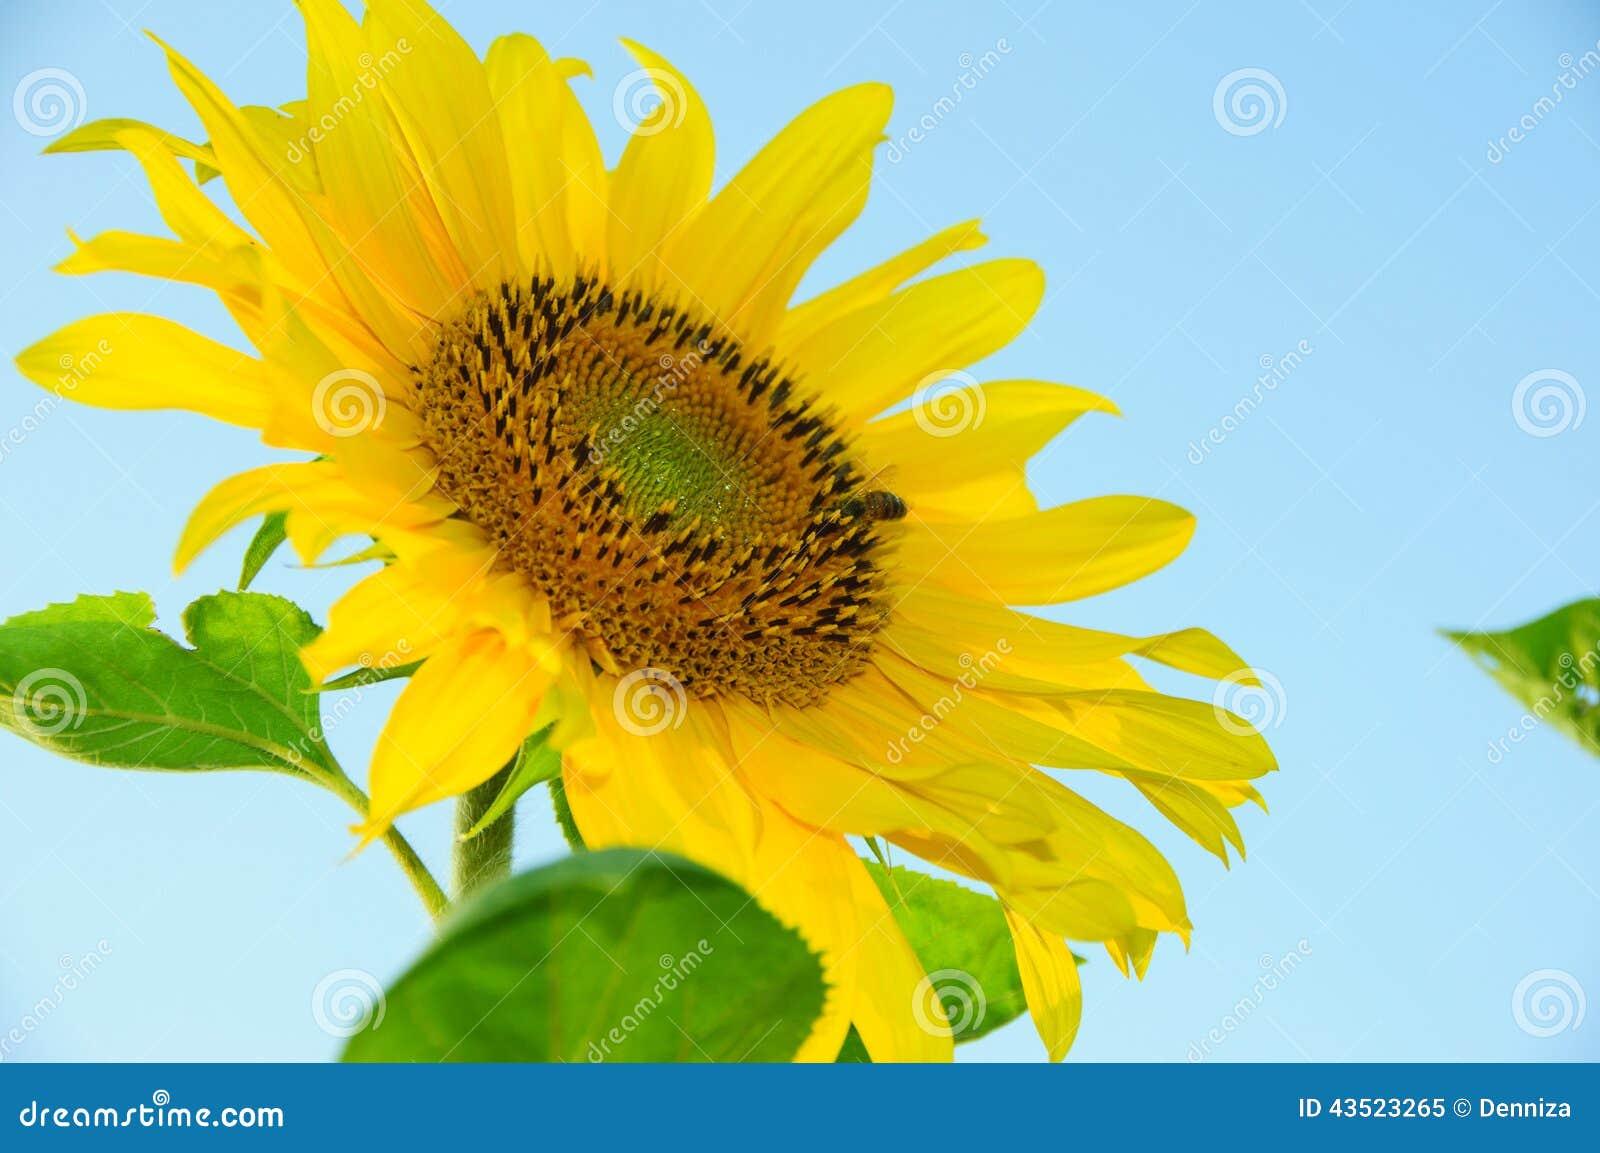 Sonnenblumen Auf Einem Blauen Hintergrund Färben Sonnenblume Und ...